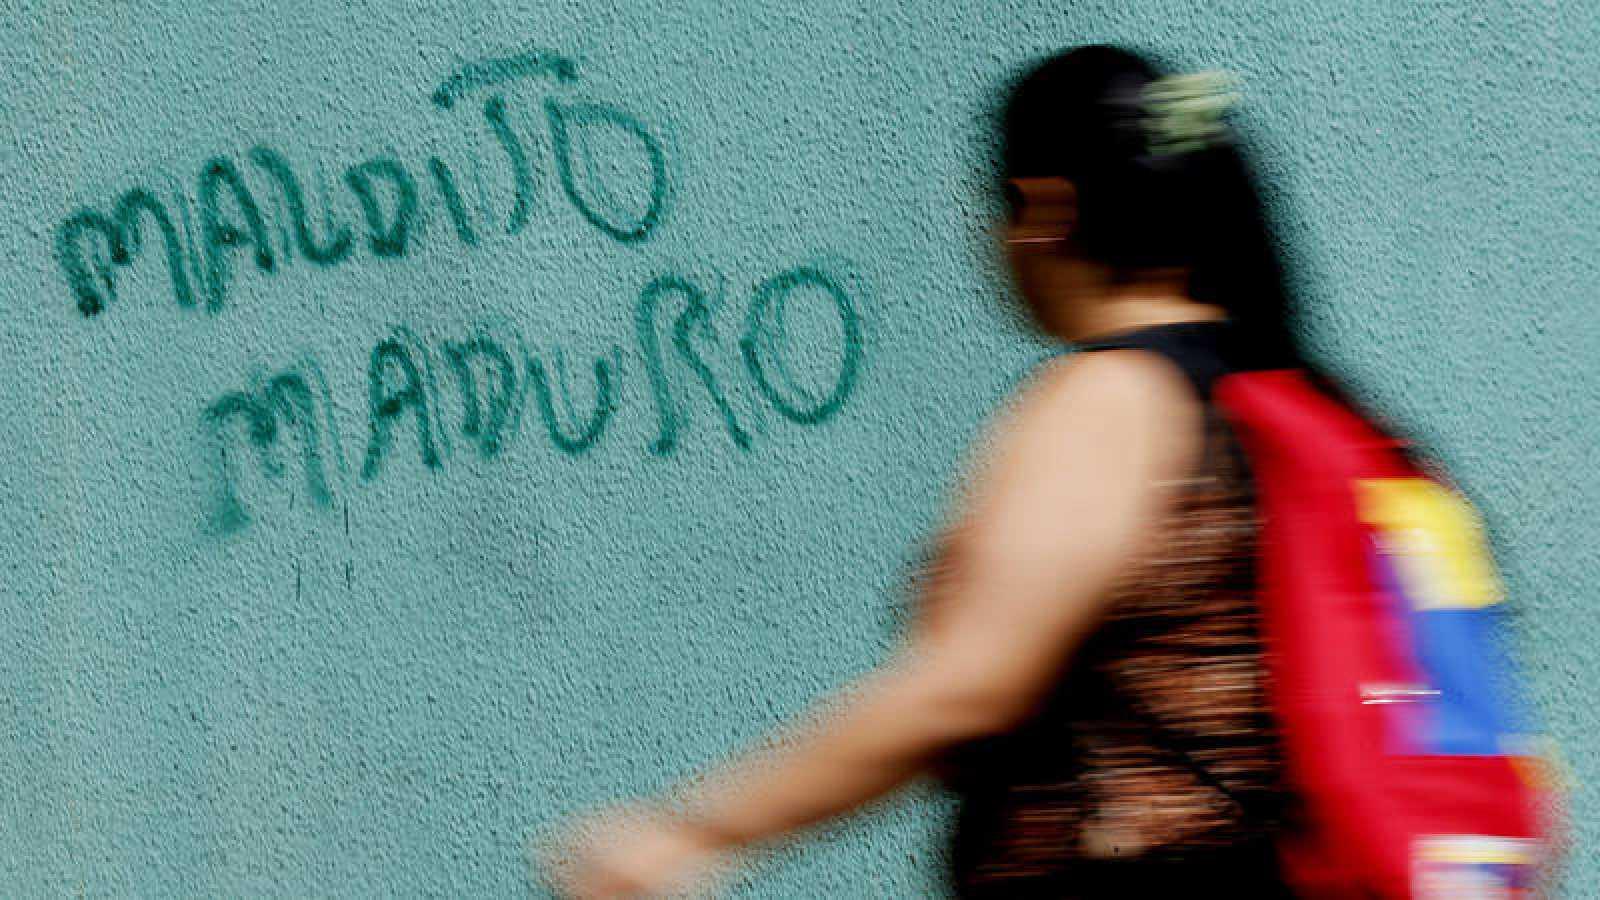 Fotografía del grafiti contra Maduro por el que fue detenido un cámara de Efe